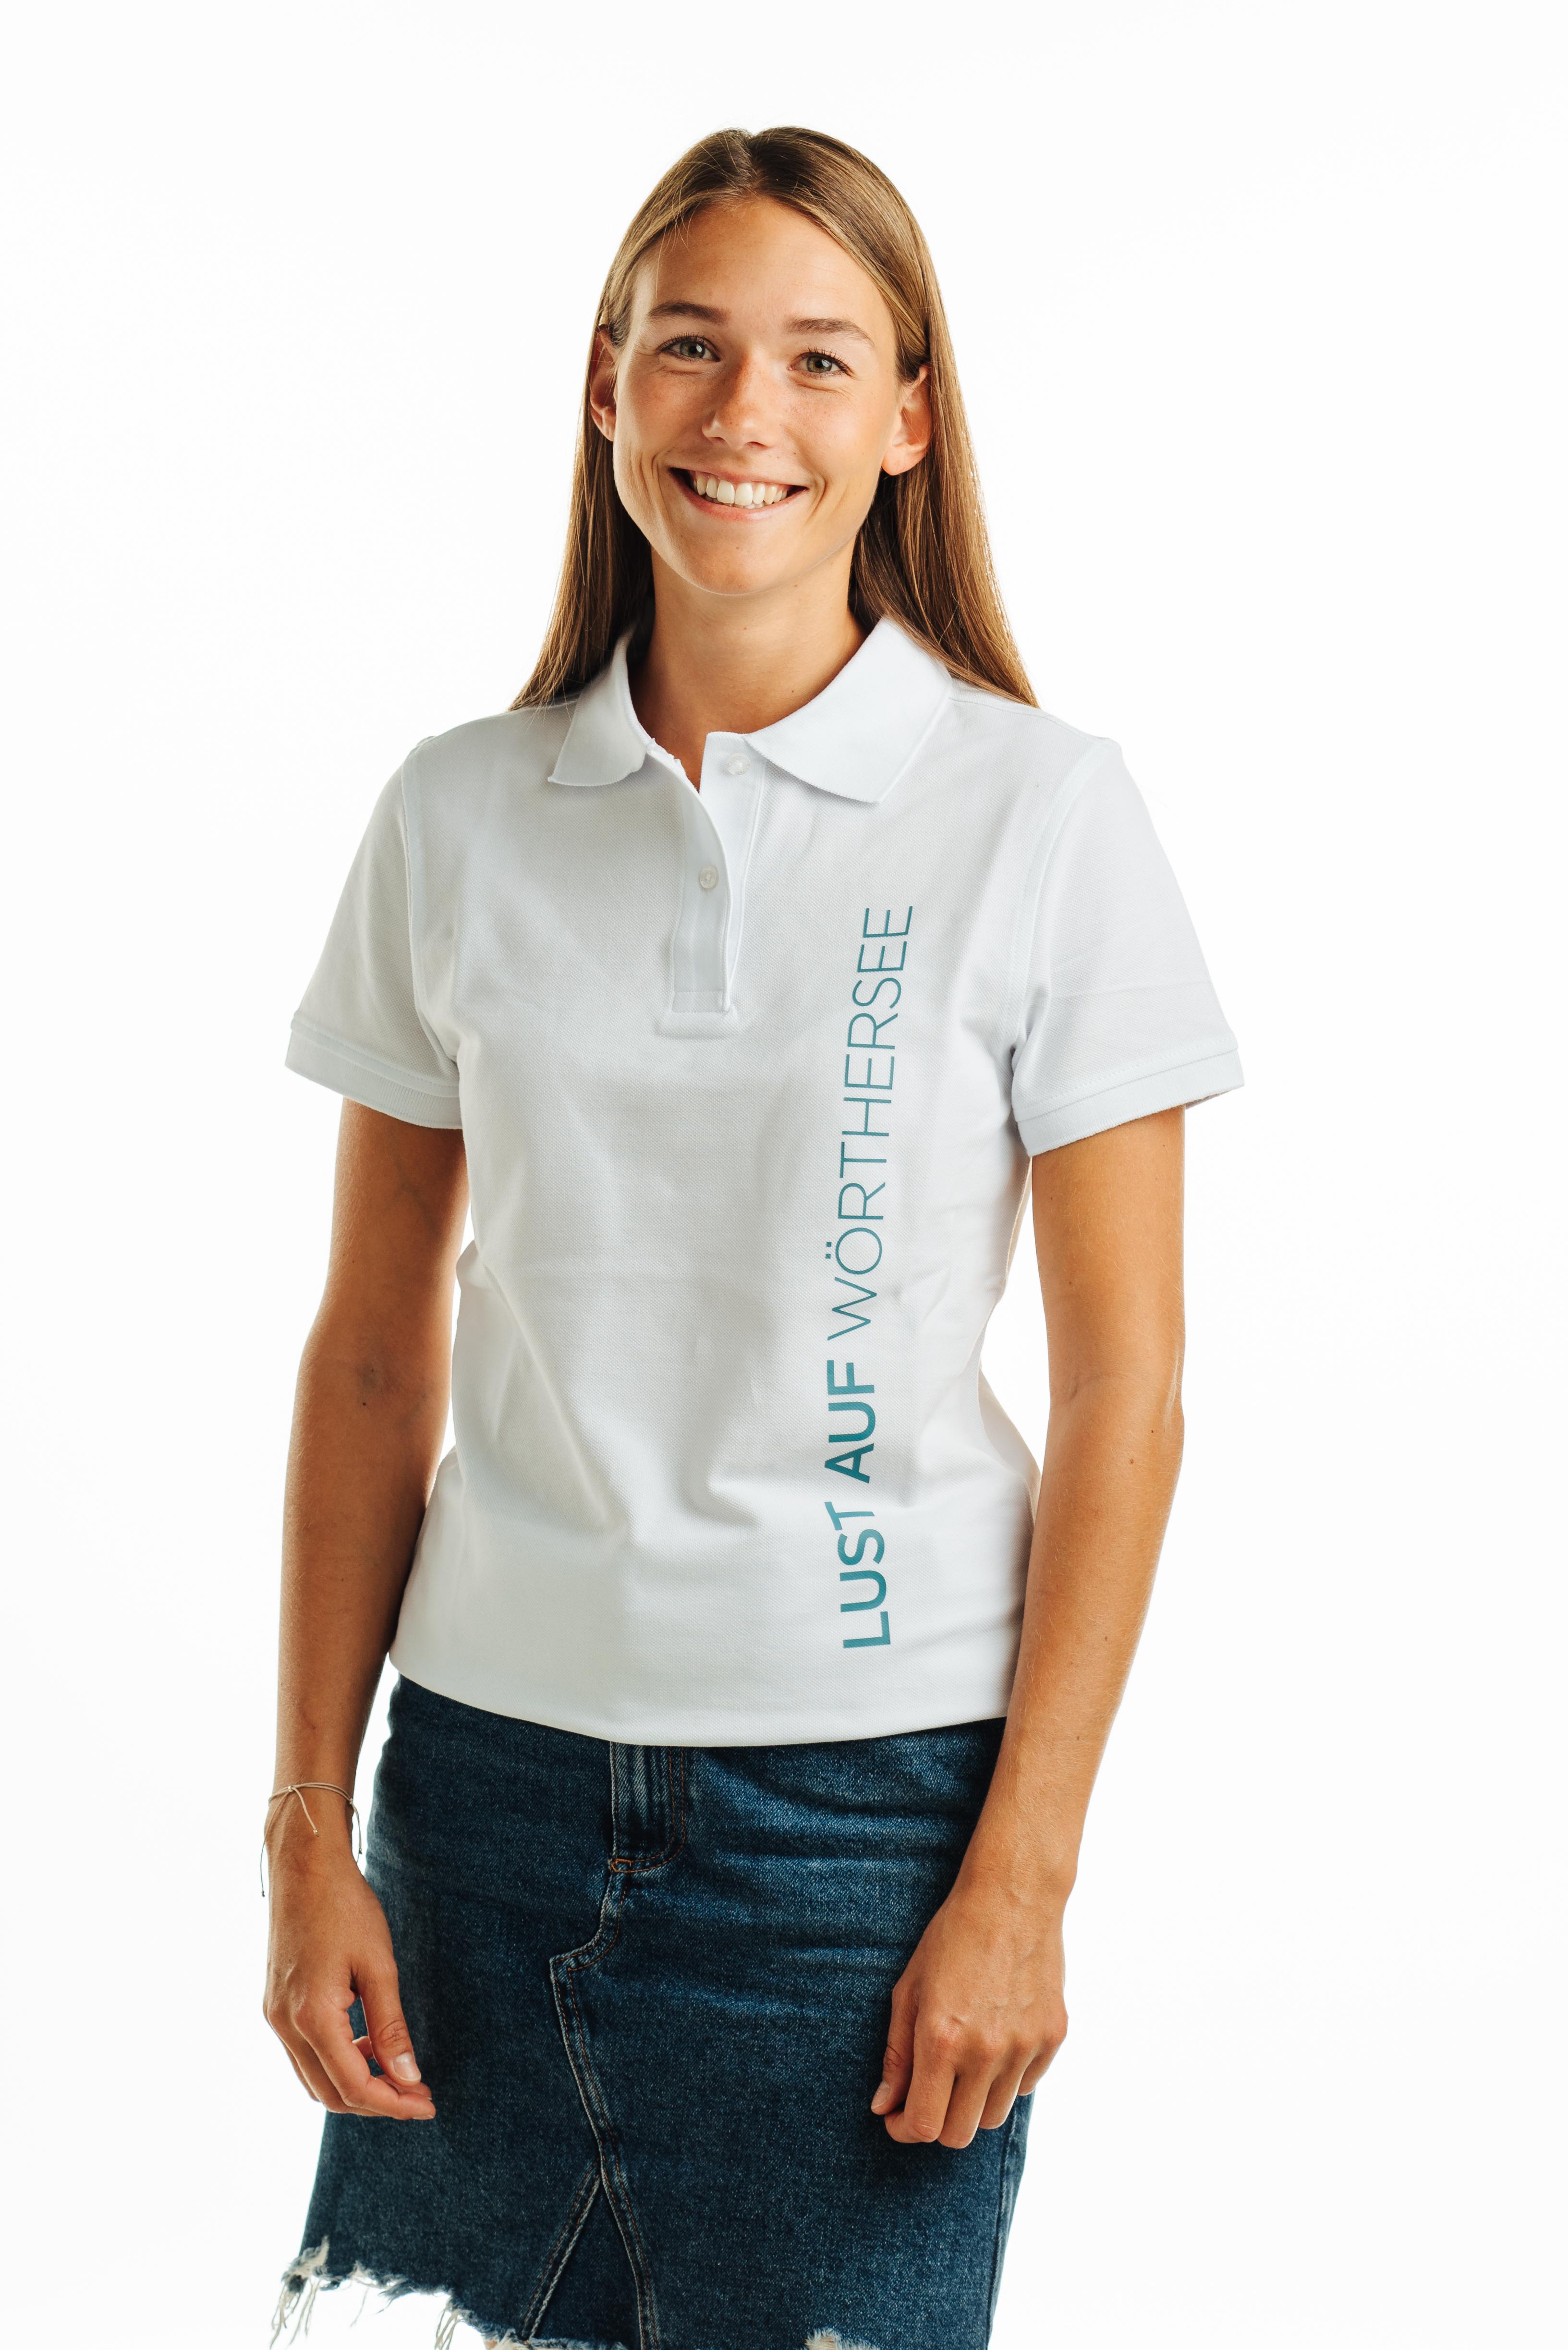 POLO Shirt Lust auf Wörthersee Damen weiß